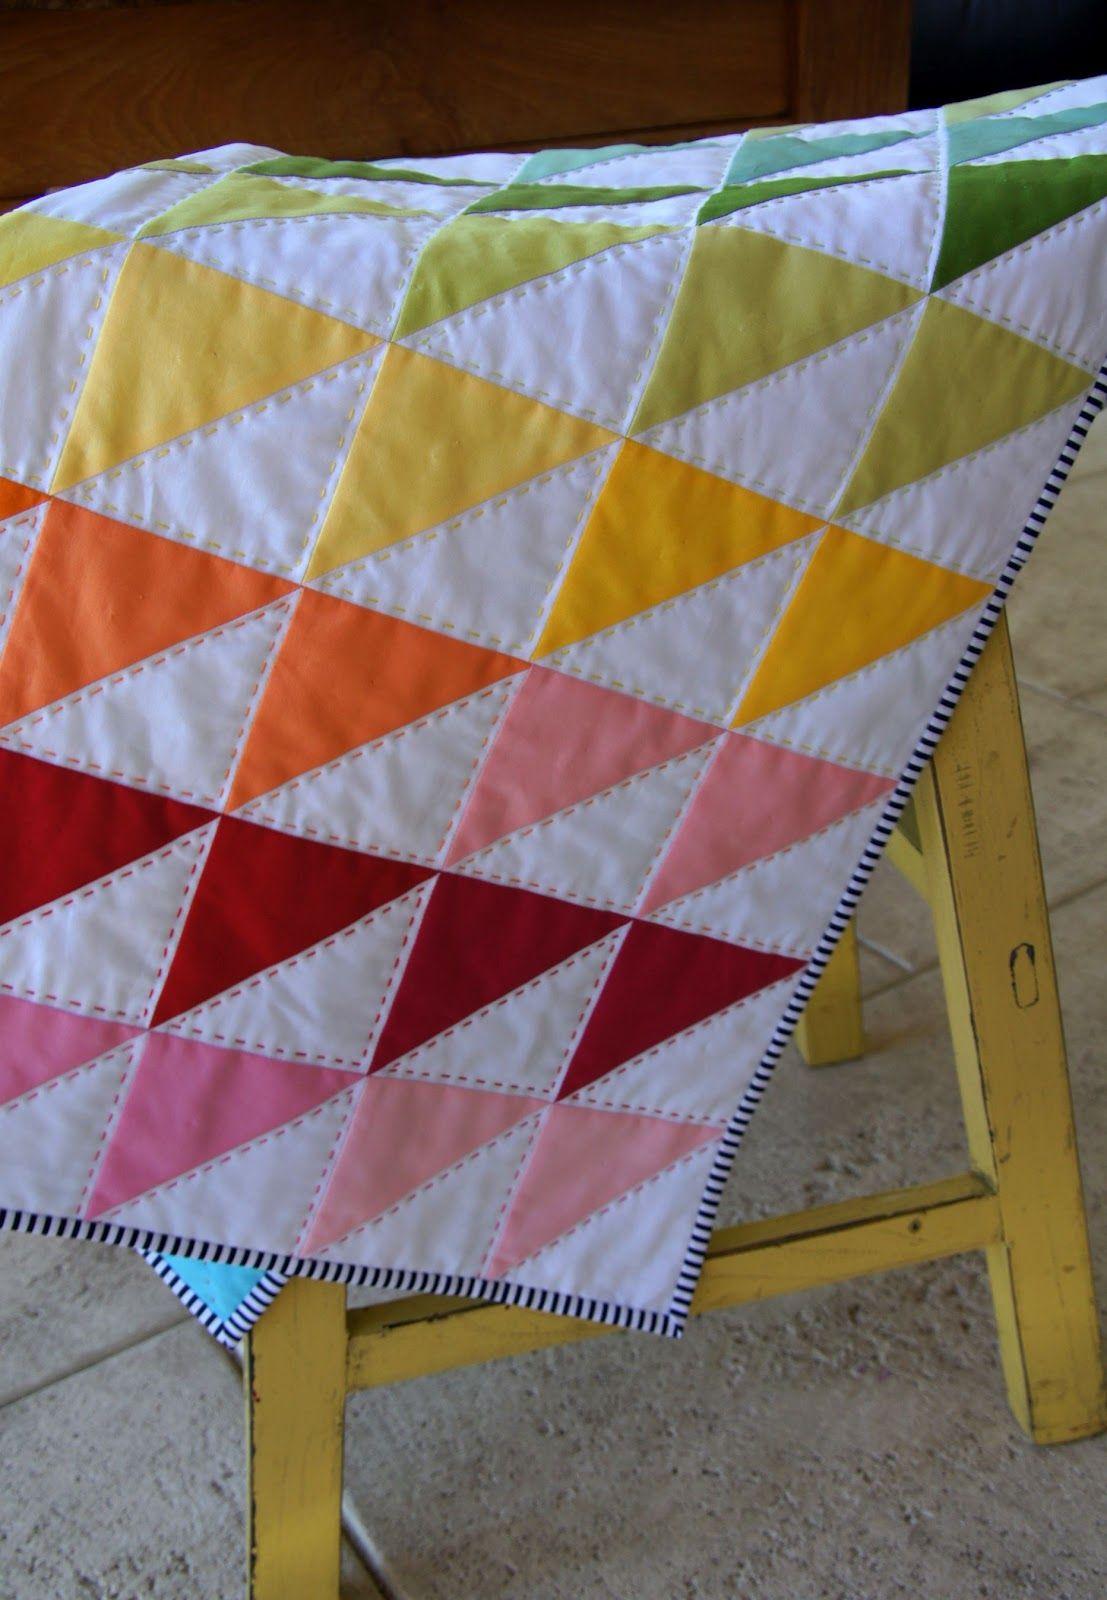 fe46e296a75f5e986639f943959e457e - Better Homes And Gardens Triangle Quilt